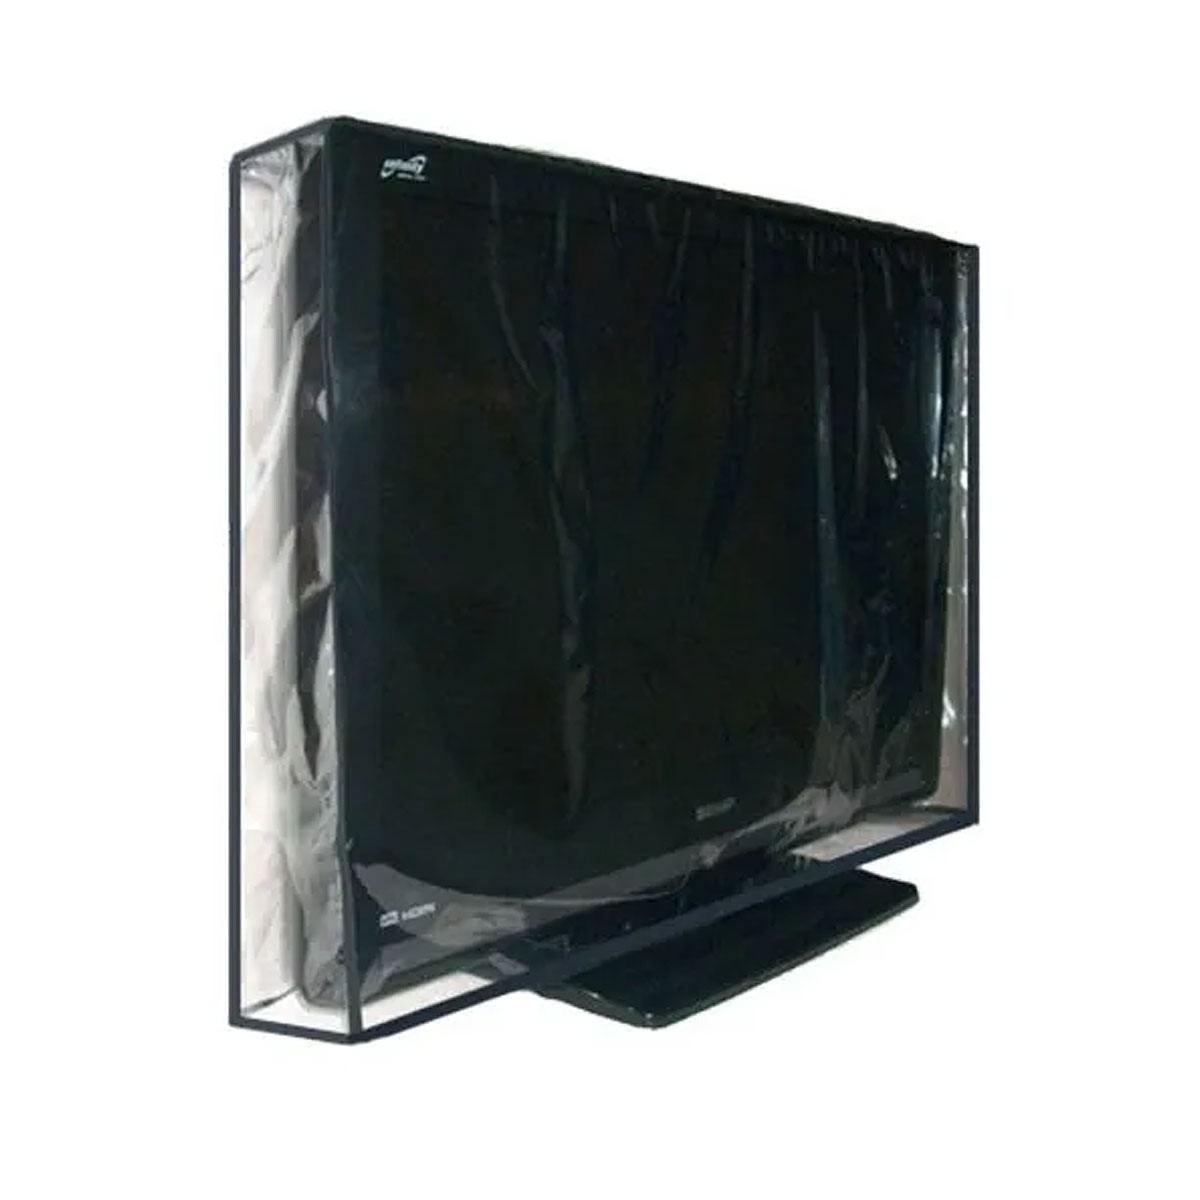 Capa Em Pvc Cristal Para Tv Lcd 37 - Fechada Atrás